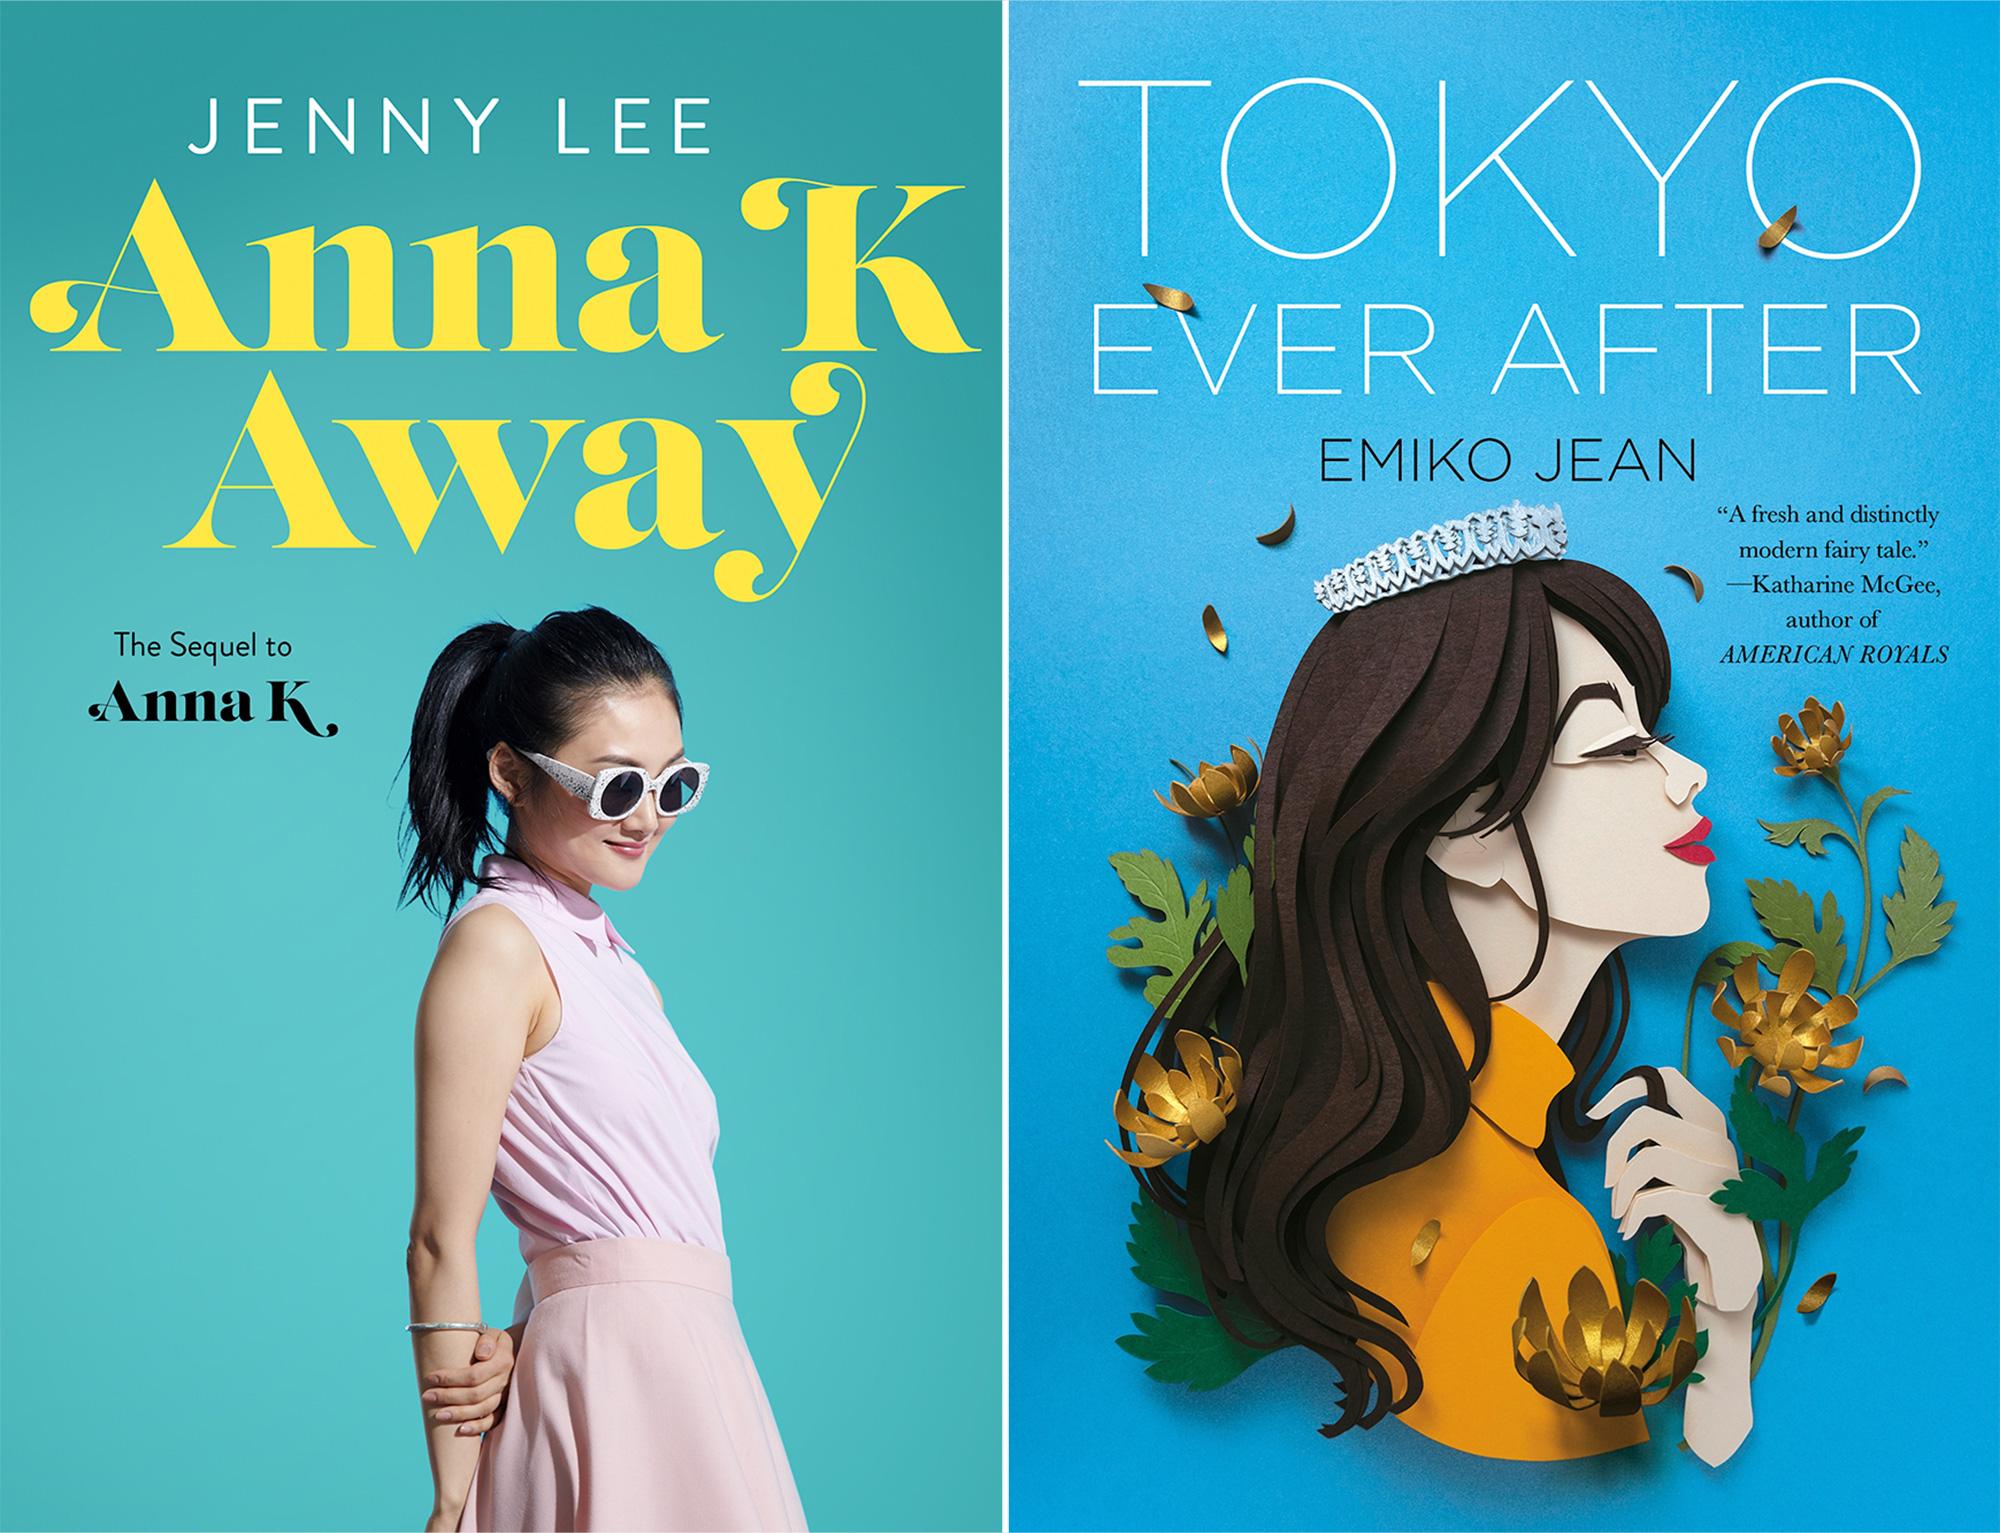 Anna K Away, Tokyo Ever After